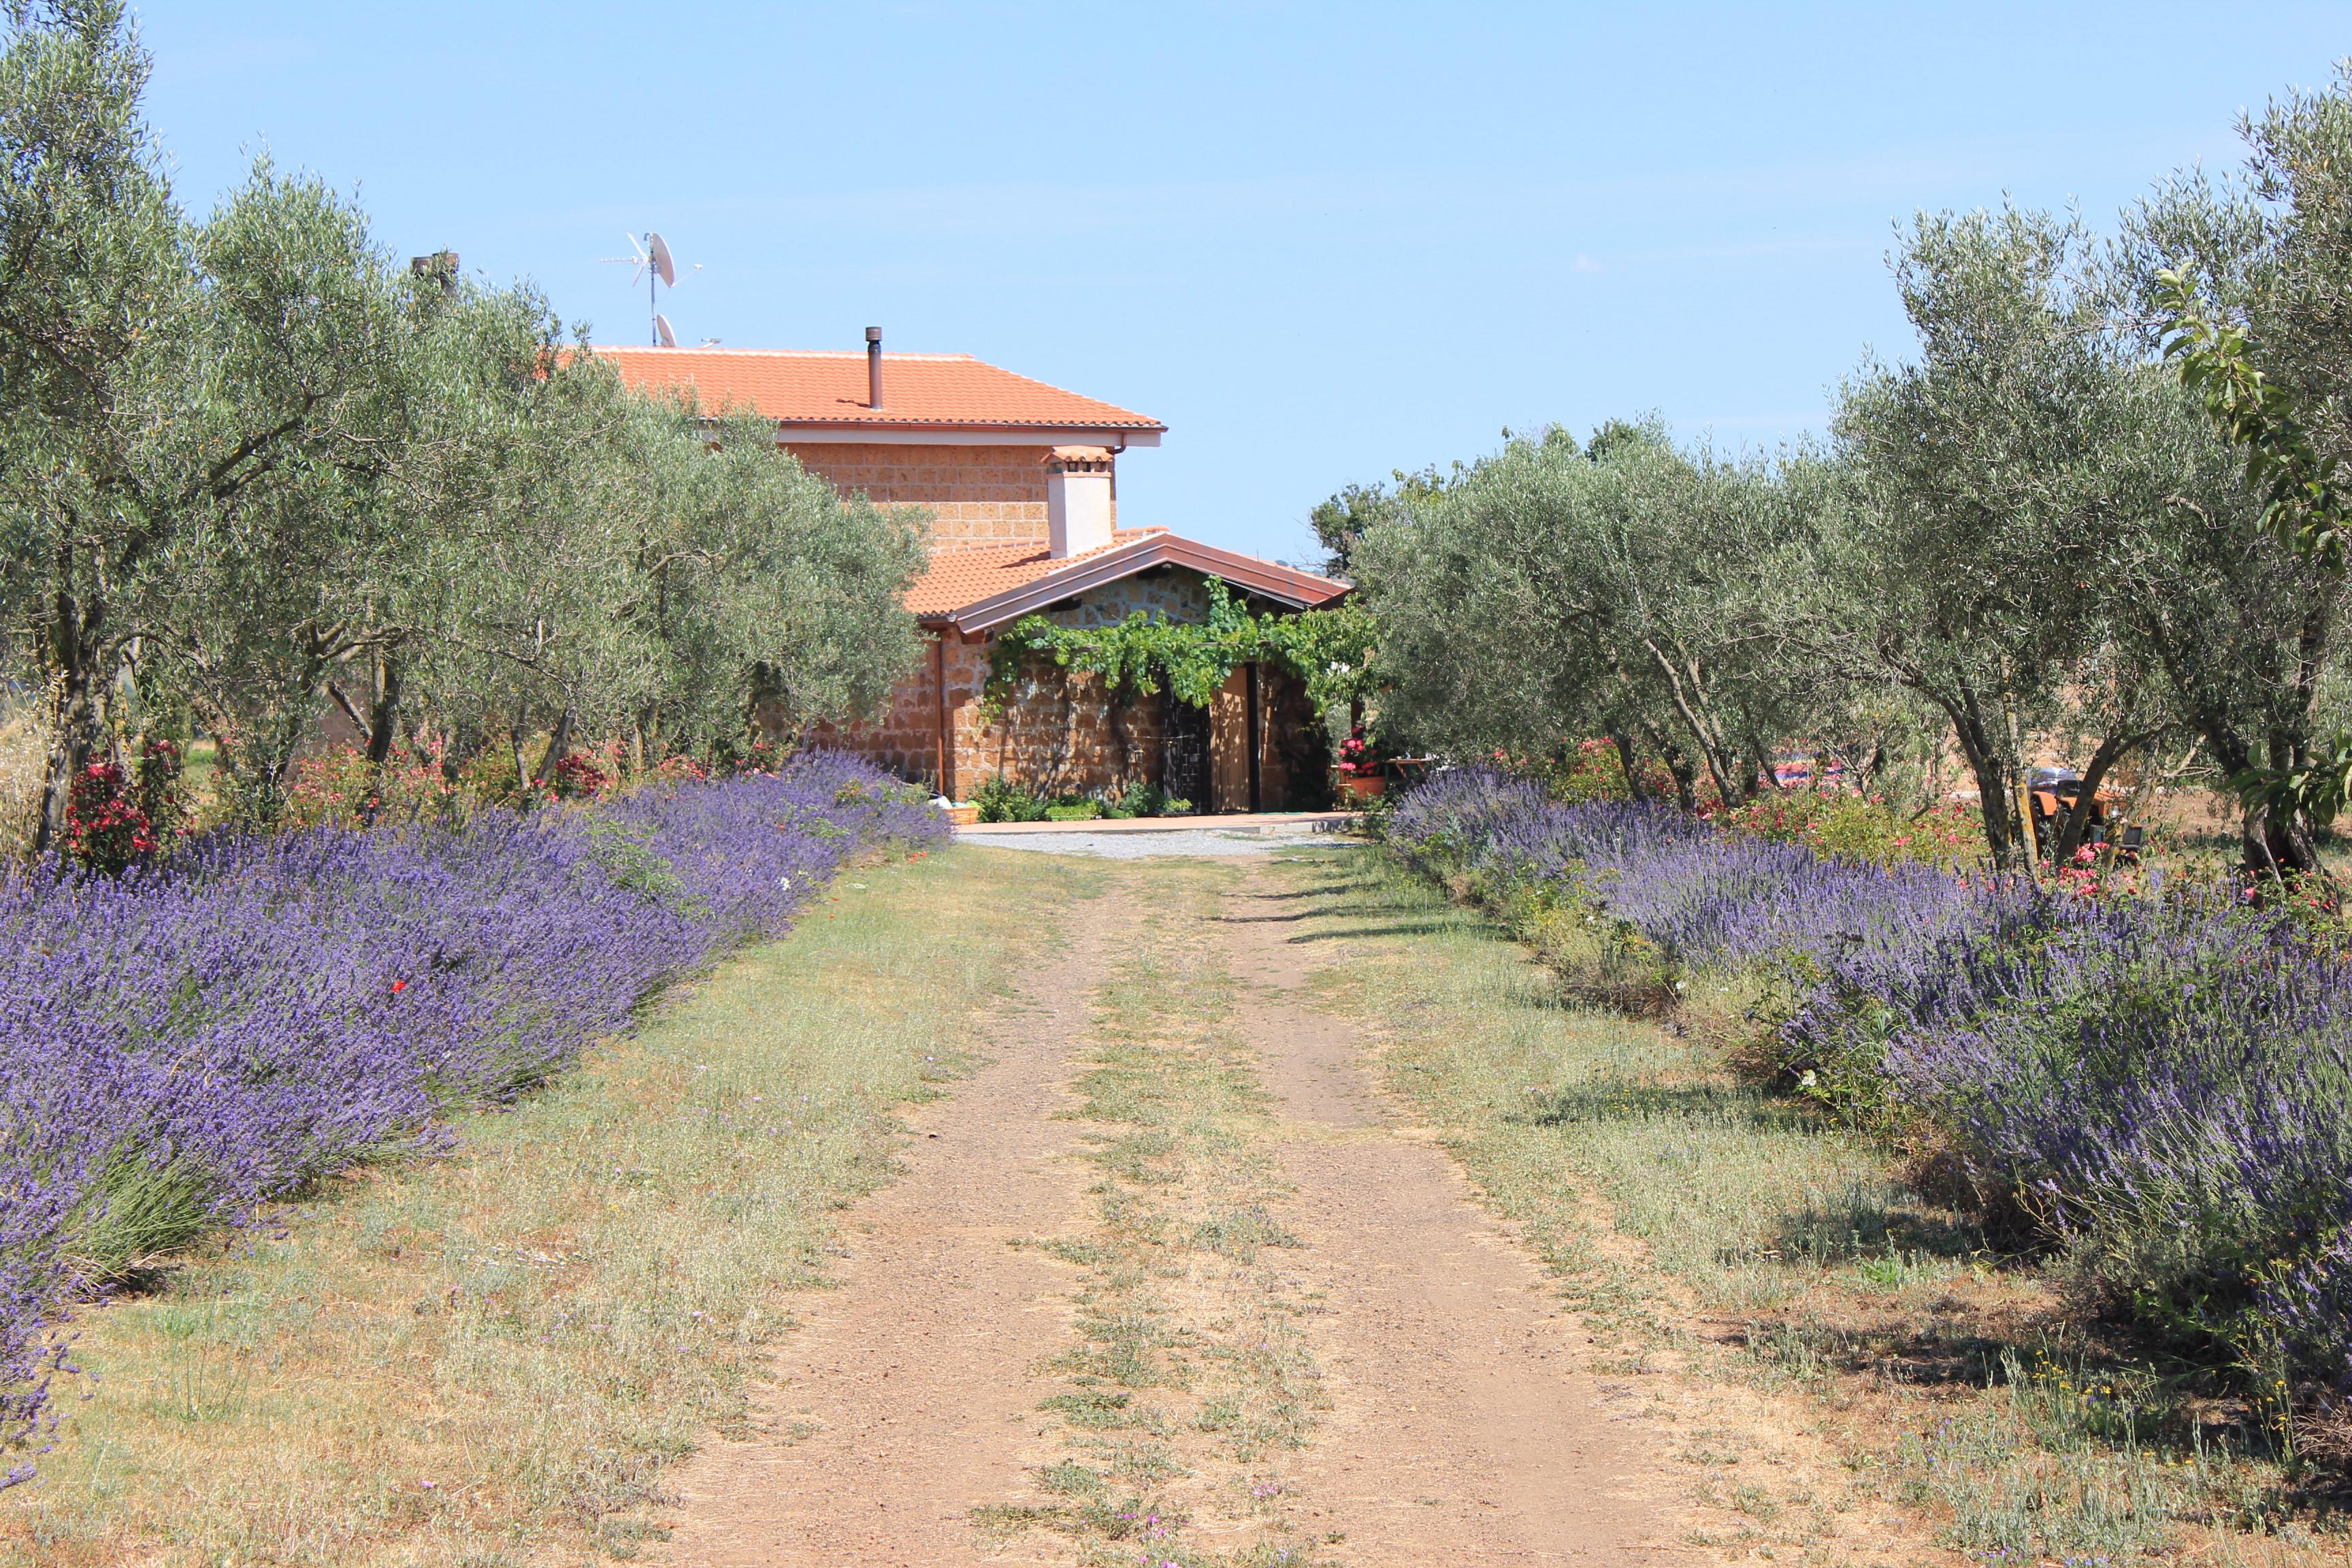 Orto giardino il giardino nell 39 orto for Orto giardino